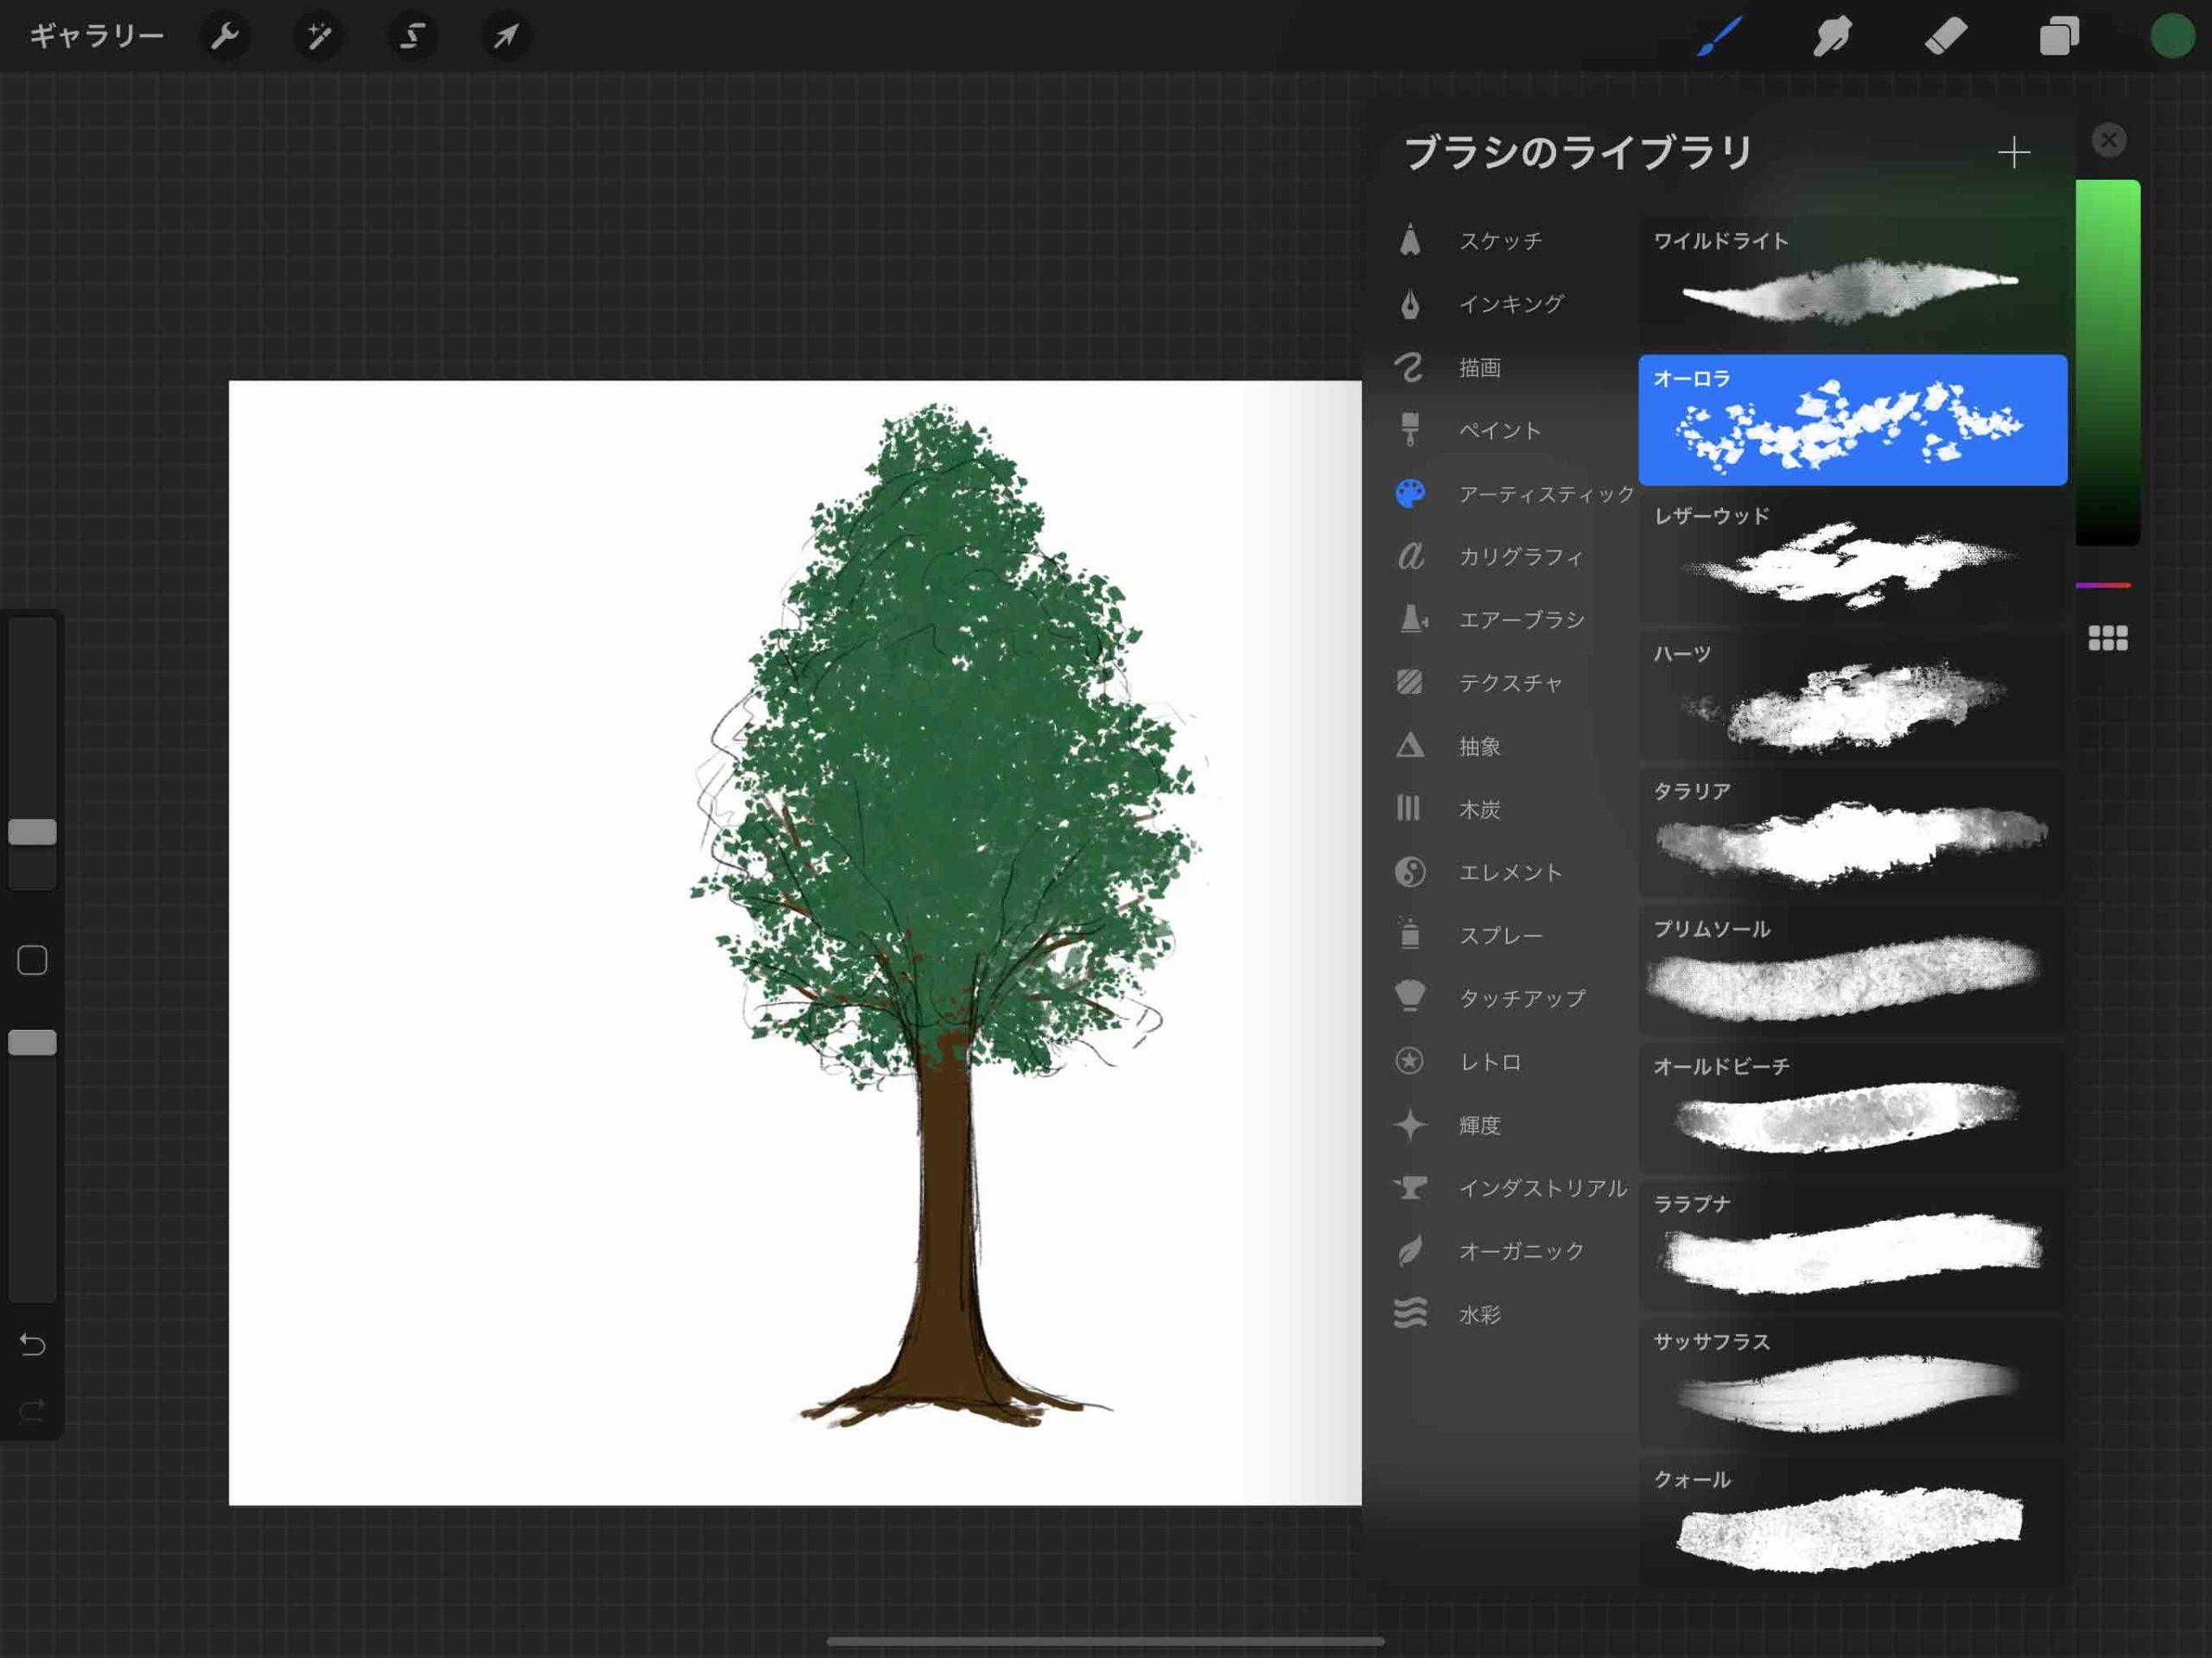 ③木の葉のシルエットを描く